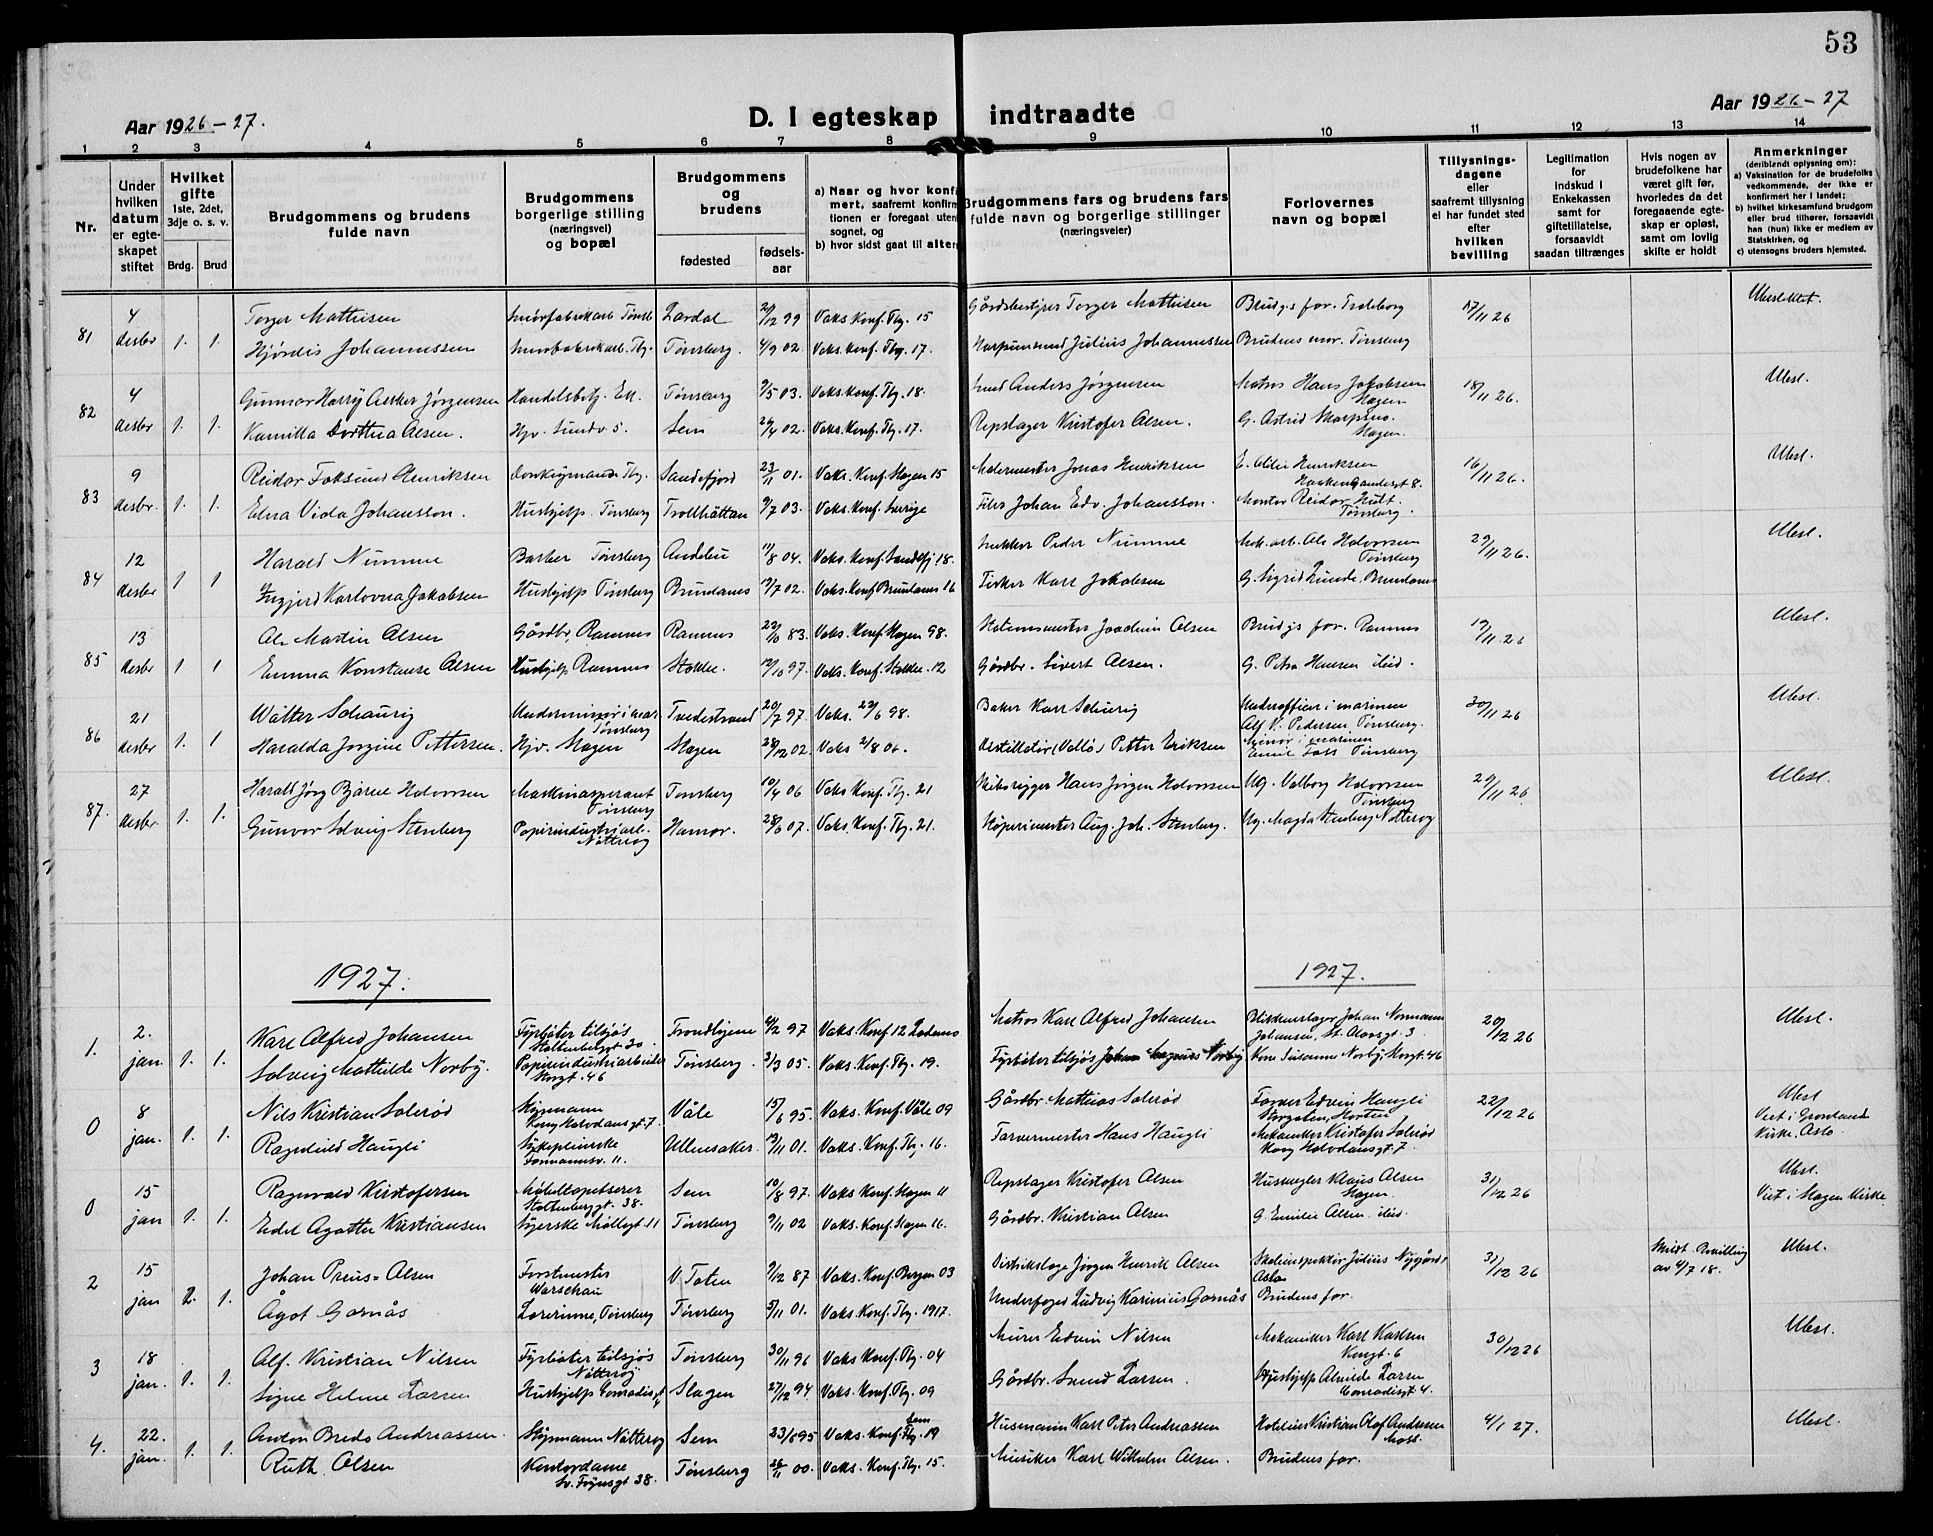 SAKO, Tønsberg kirkebøker, G/Ga/L0016: Klokkerbok nr. 16, 1920-1933, s. 53